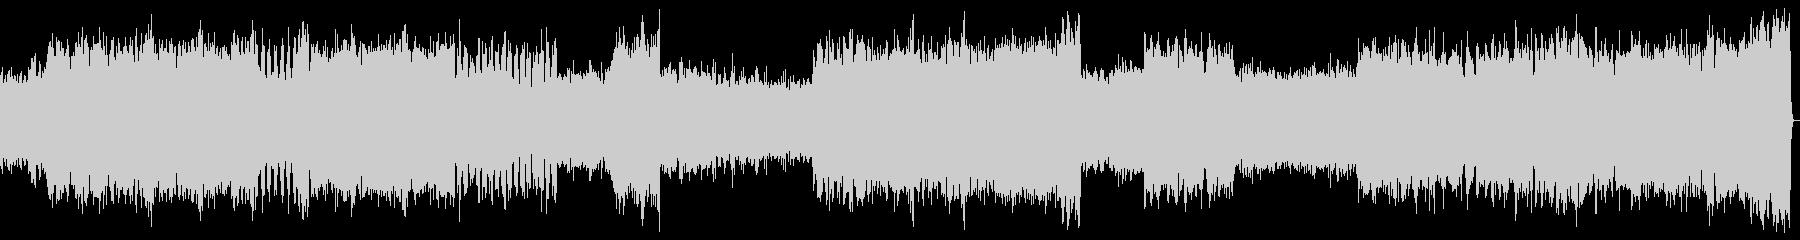 オルガン・パッサカリアとフーガ(バッハ)の未再生の波形